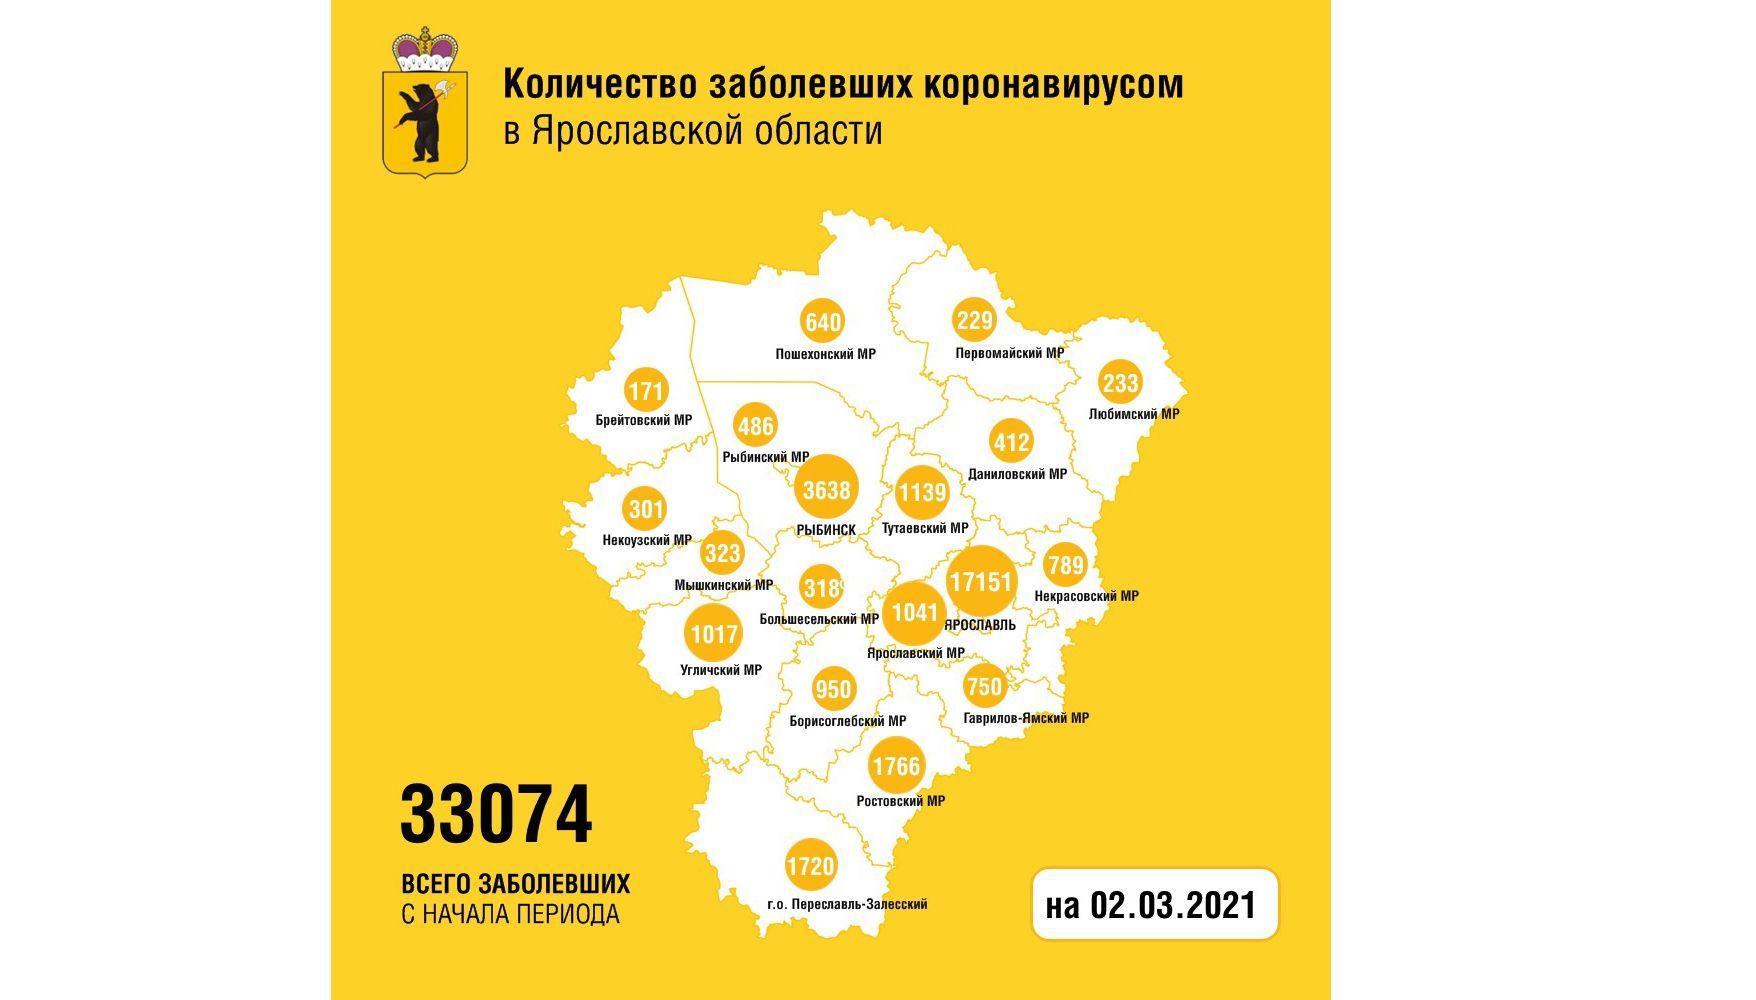 В Ярославской области заболели коронавирусом еще 130 человек, двое скончались